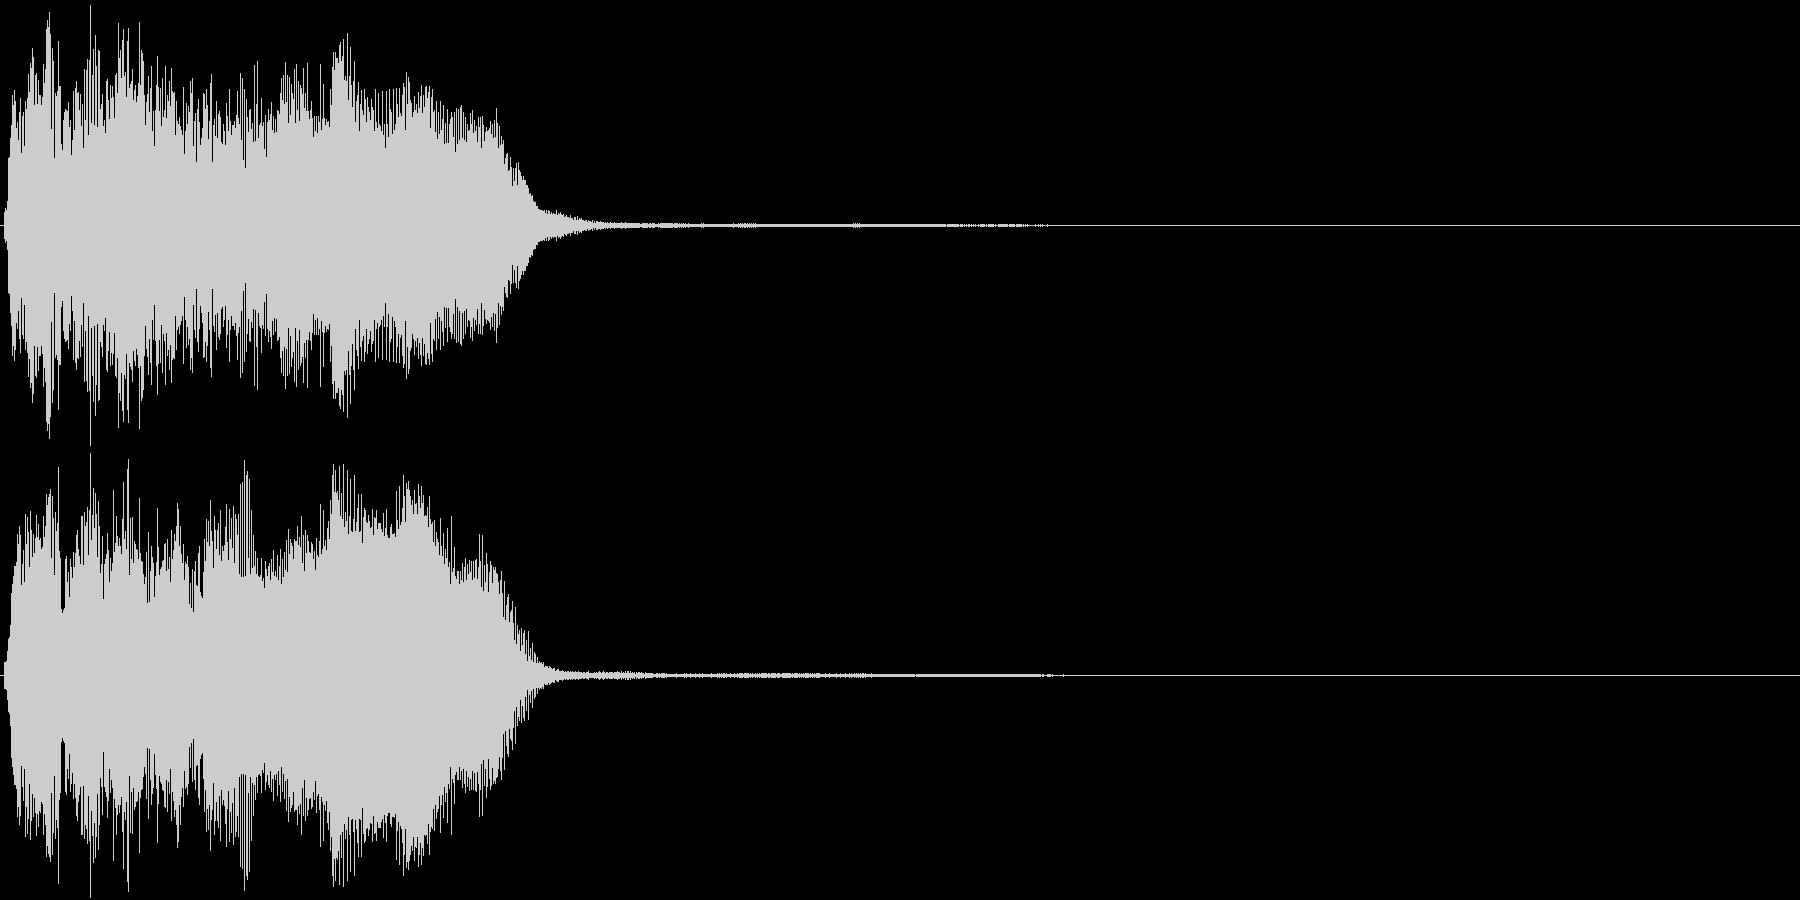 トランペット ファンファーレ 定番 22の未再生の波形